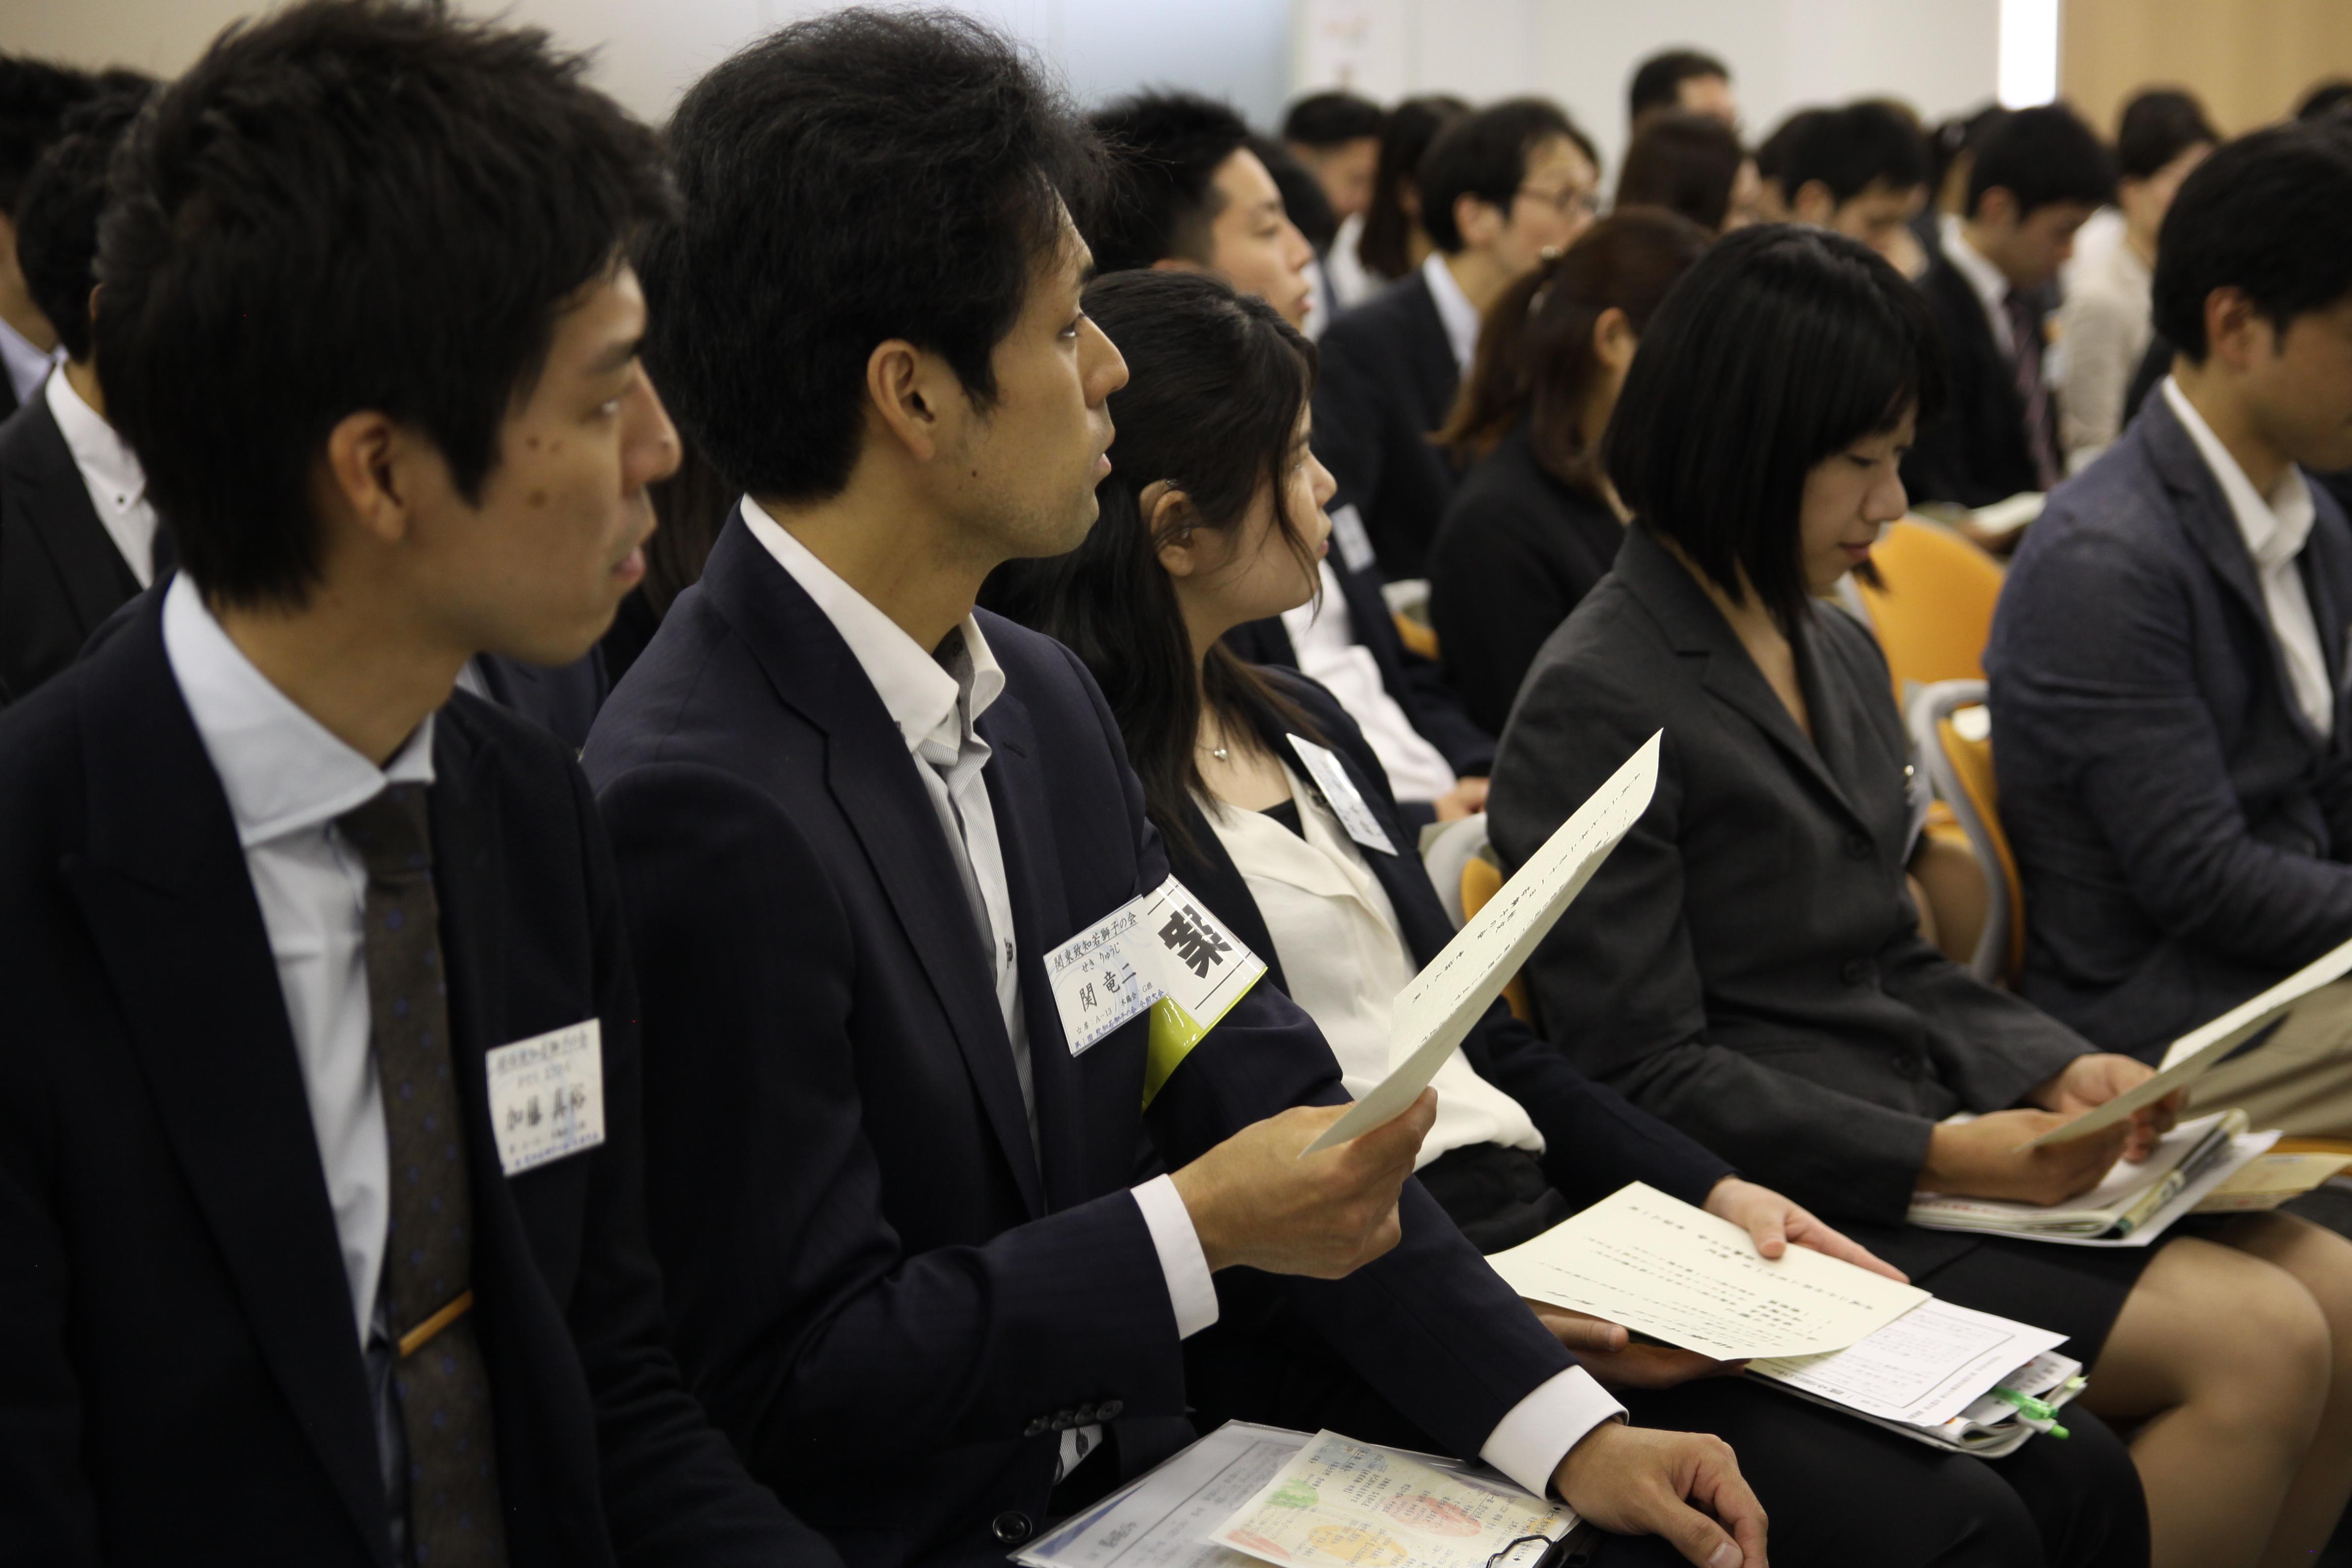 IMG 4617 - 関東若獅子の会、記念すべき第100回